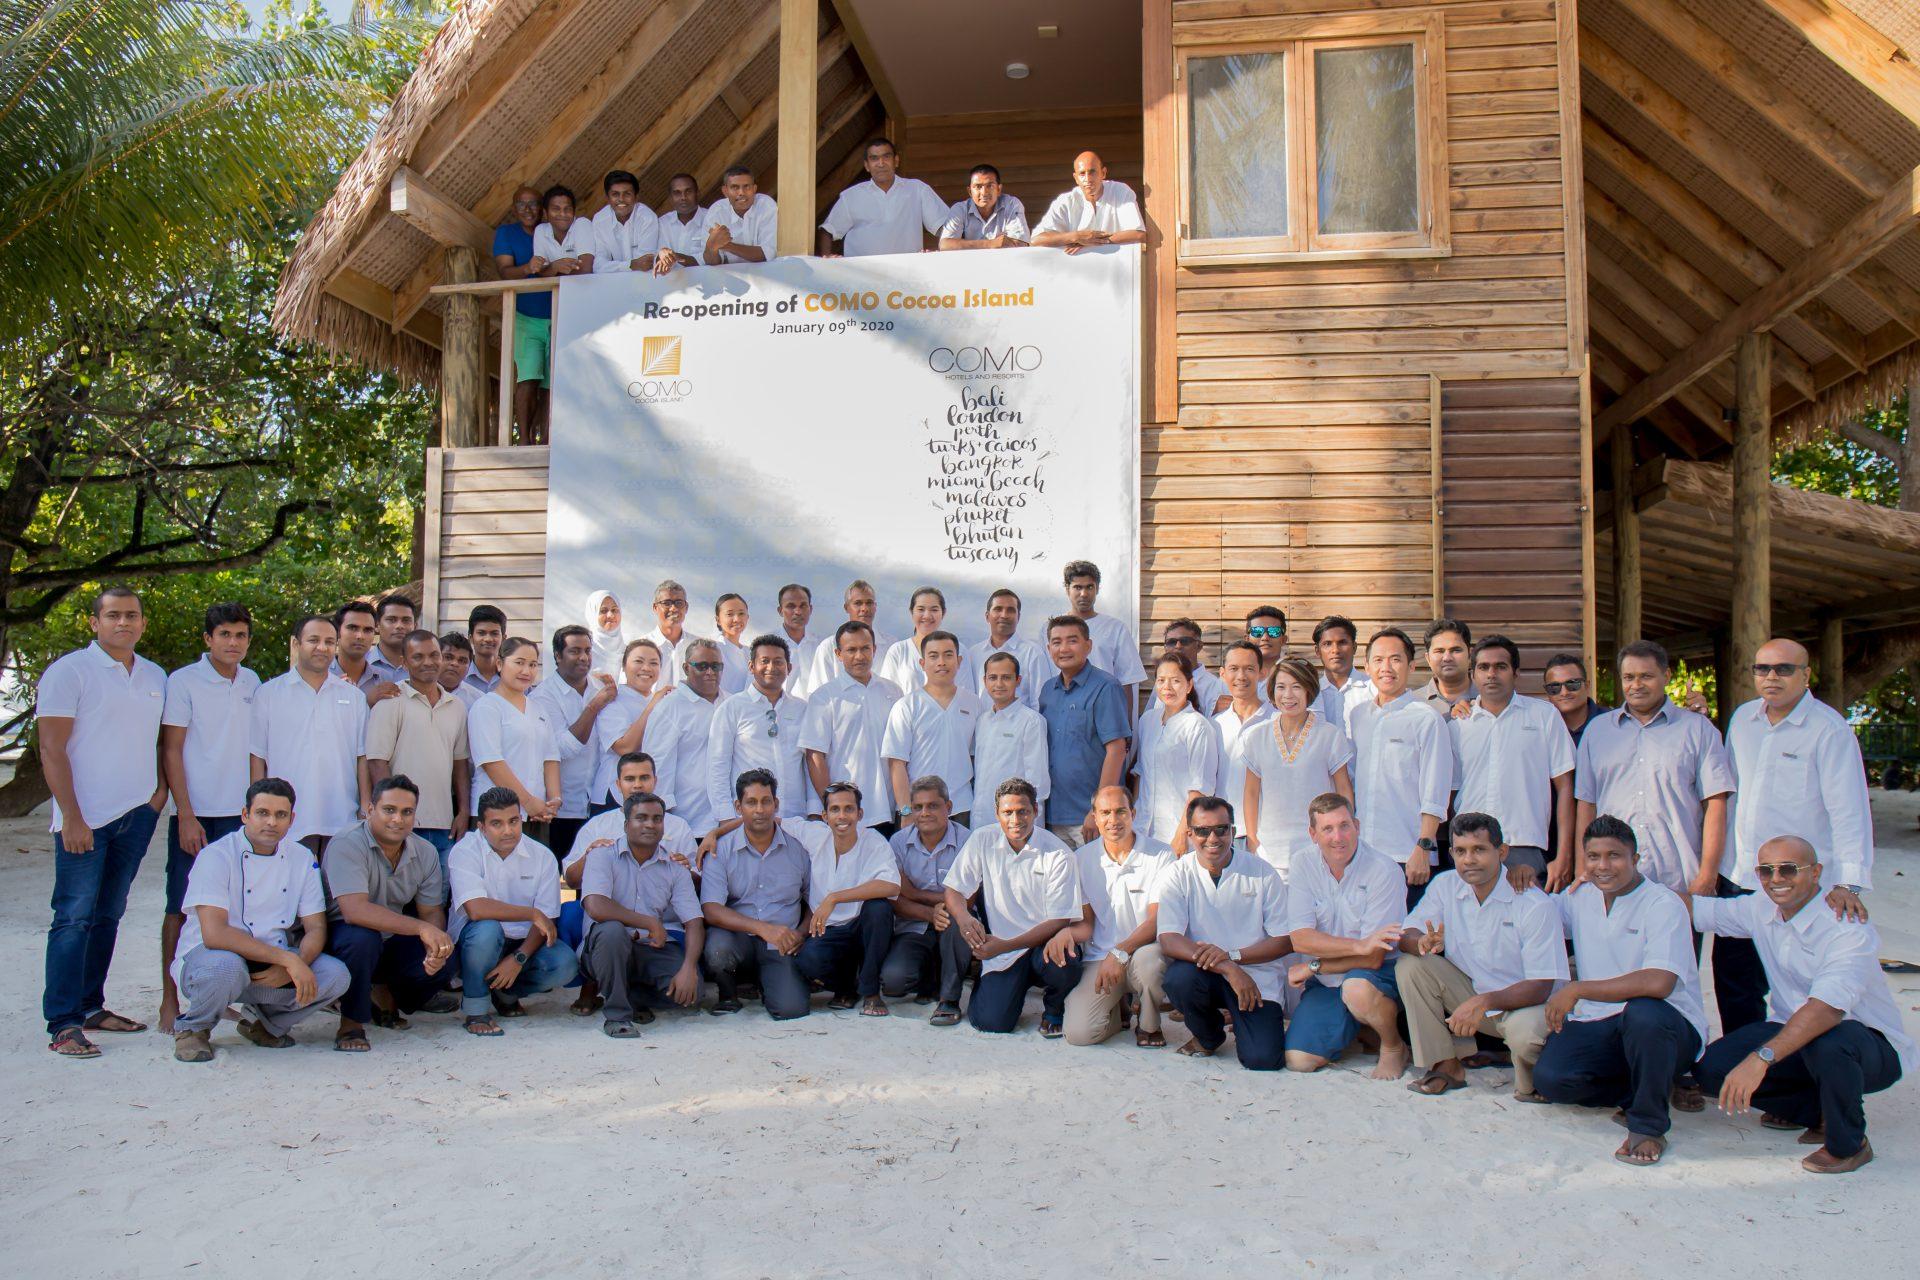 COMO Cocoa Island Employees